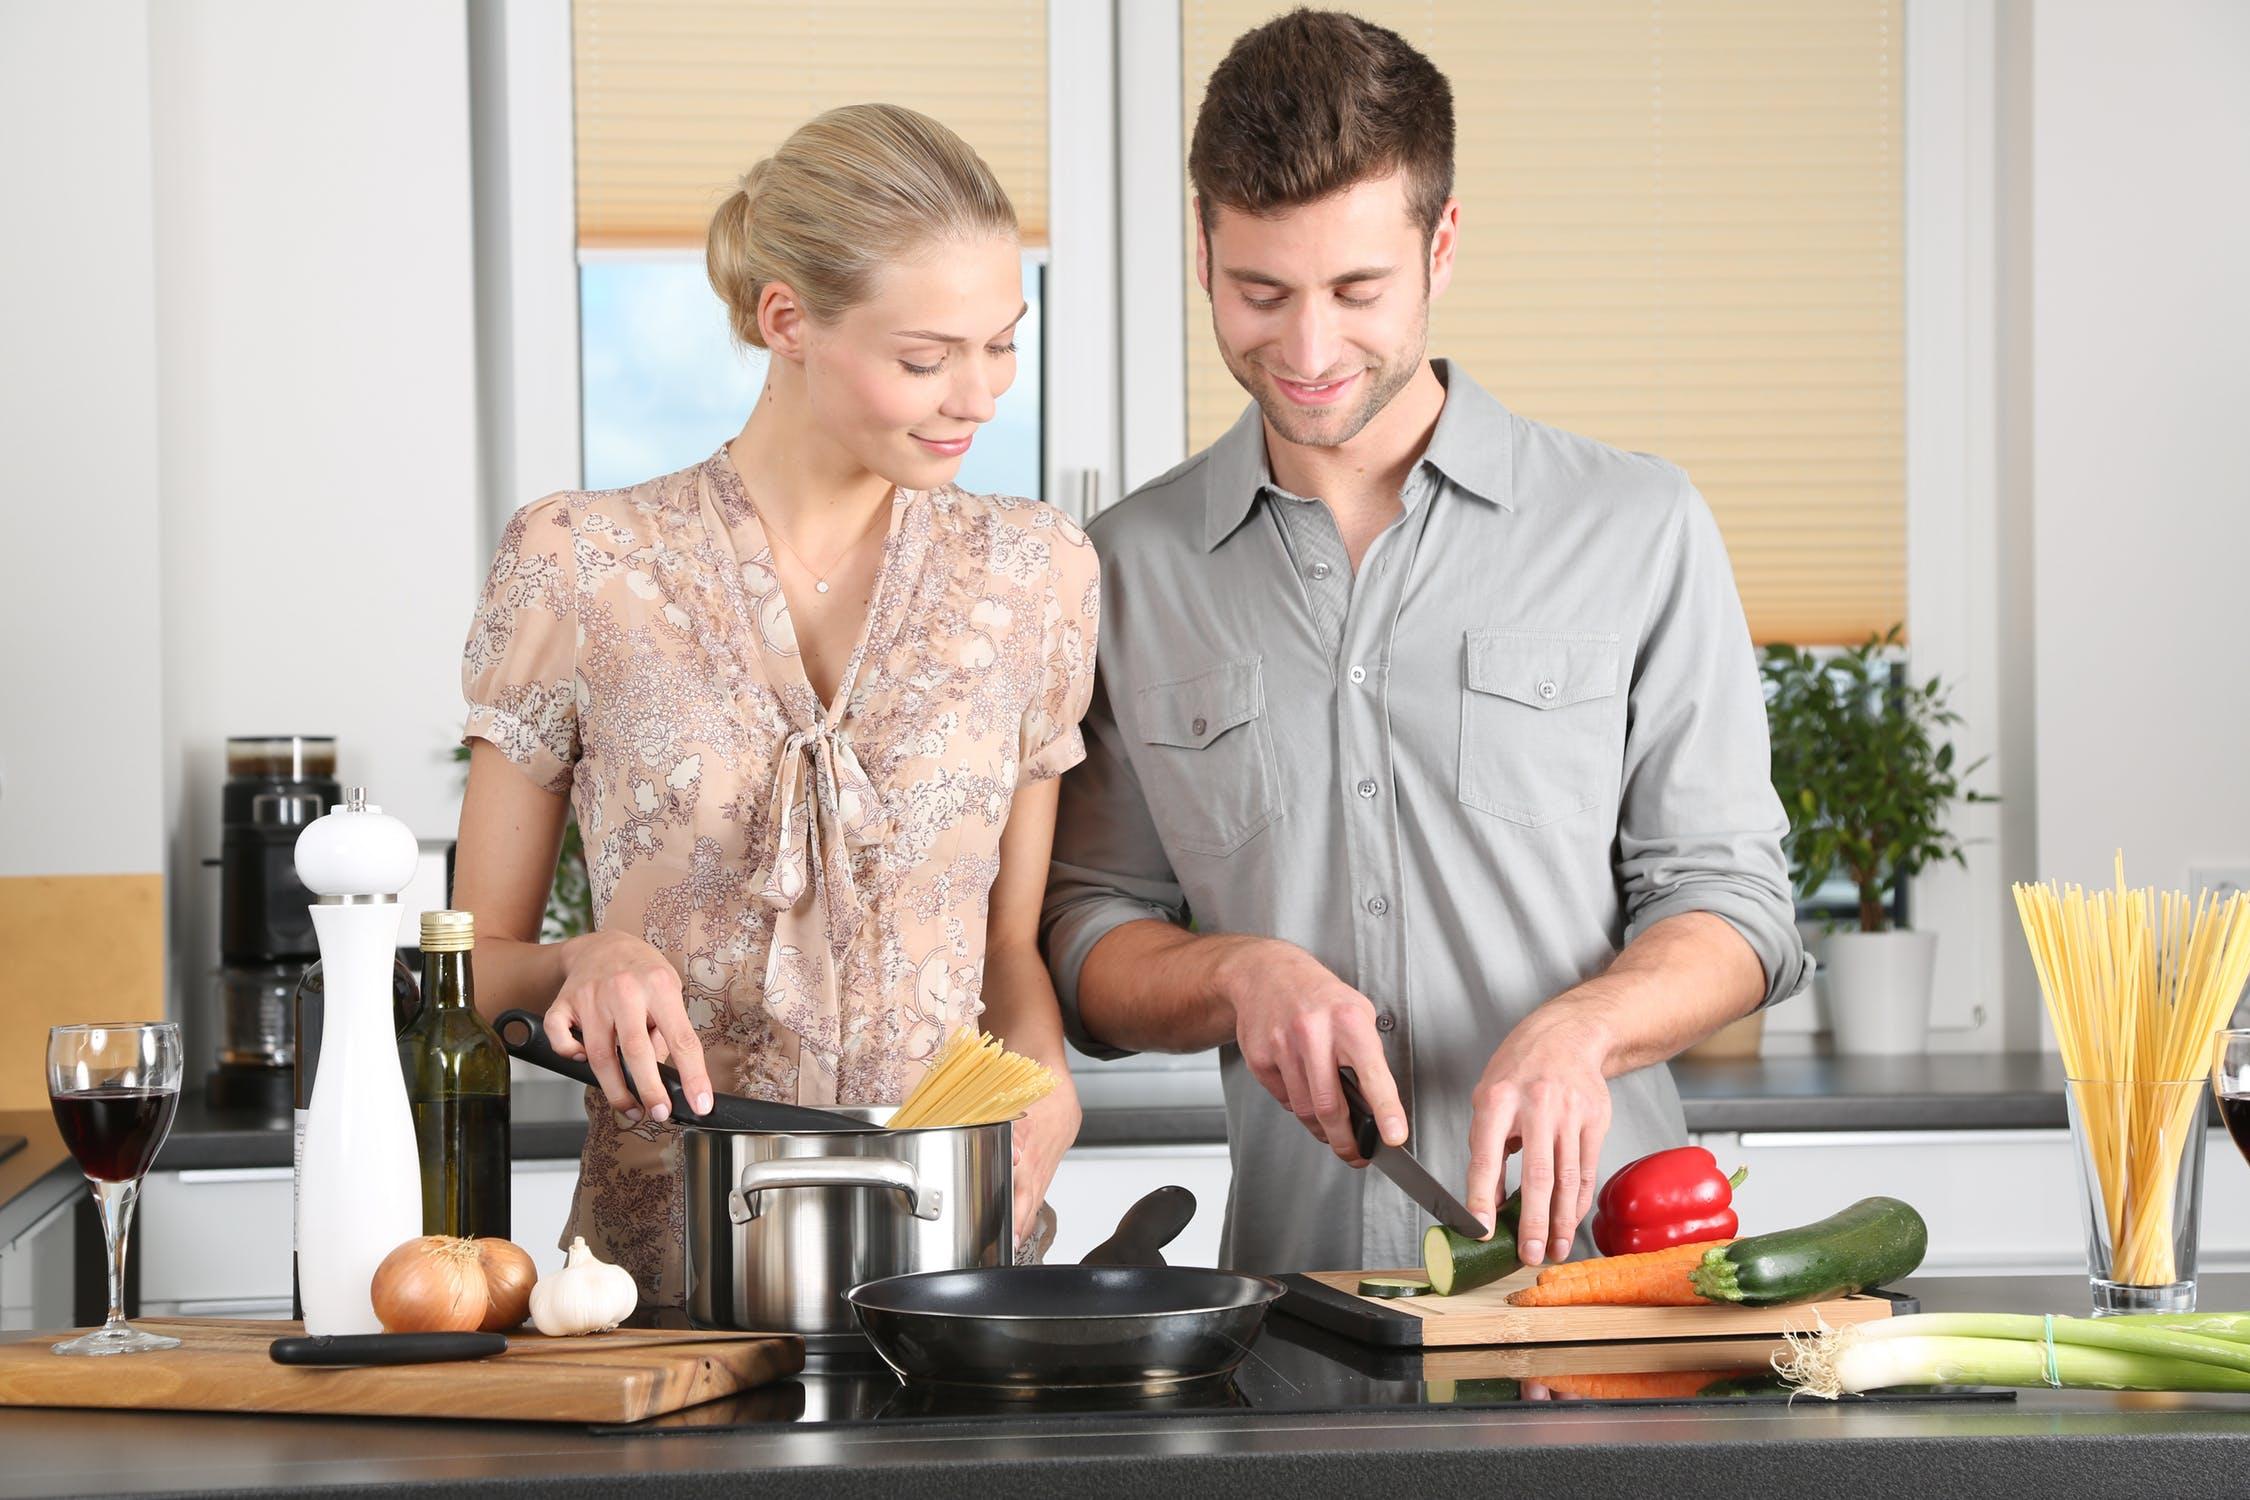 Cuisine et idées de recettes : notre sélection d'applications